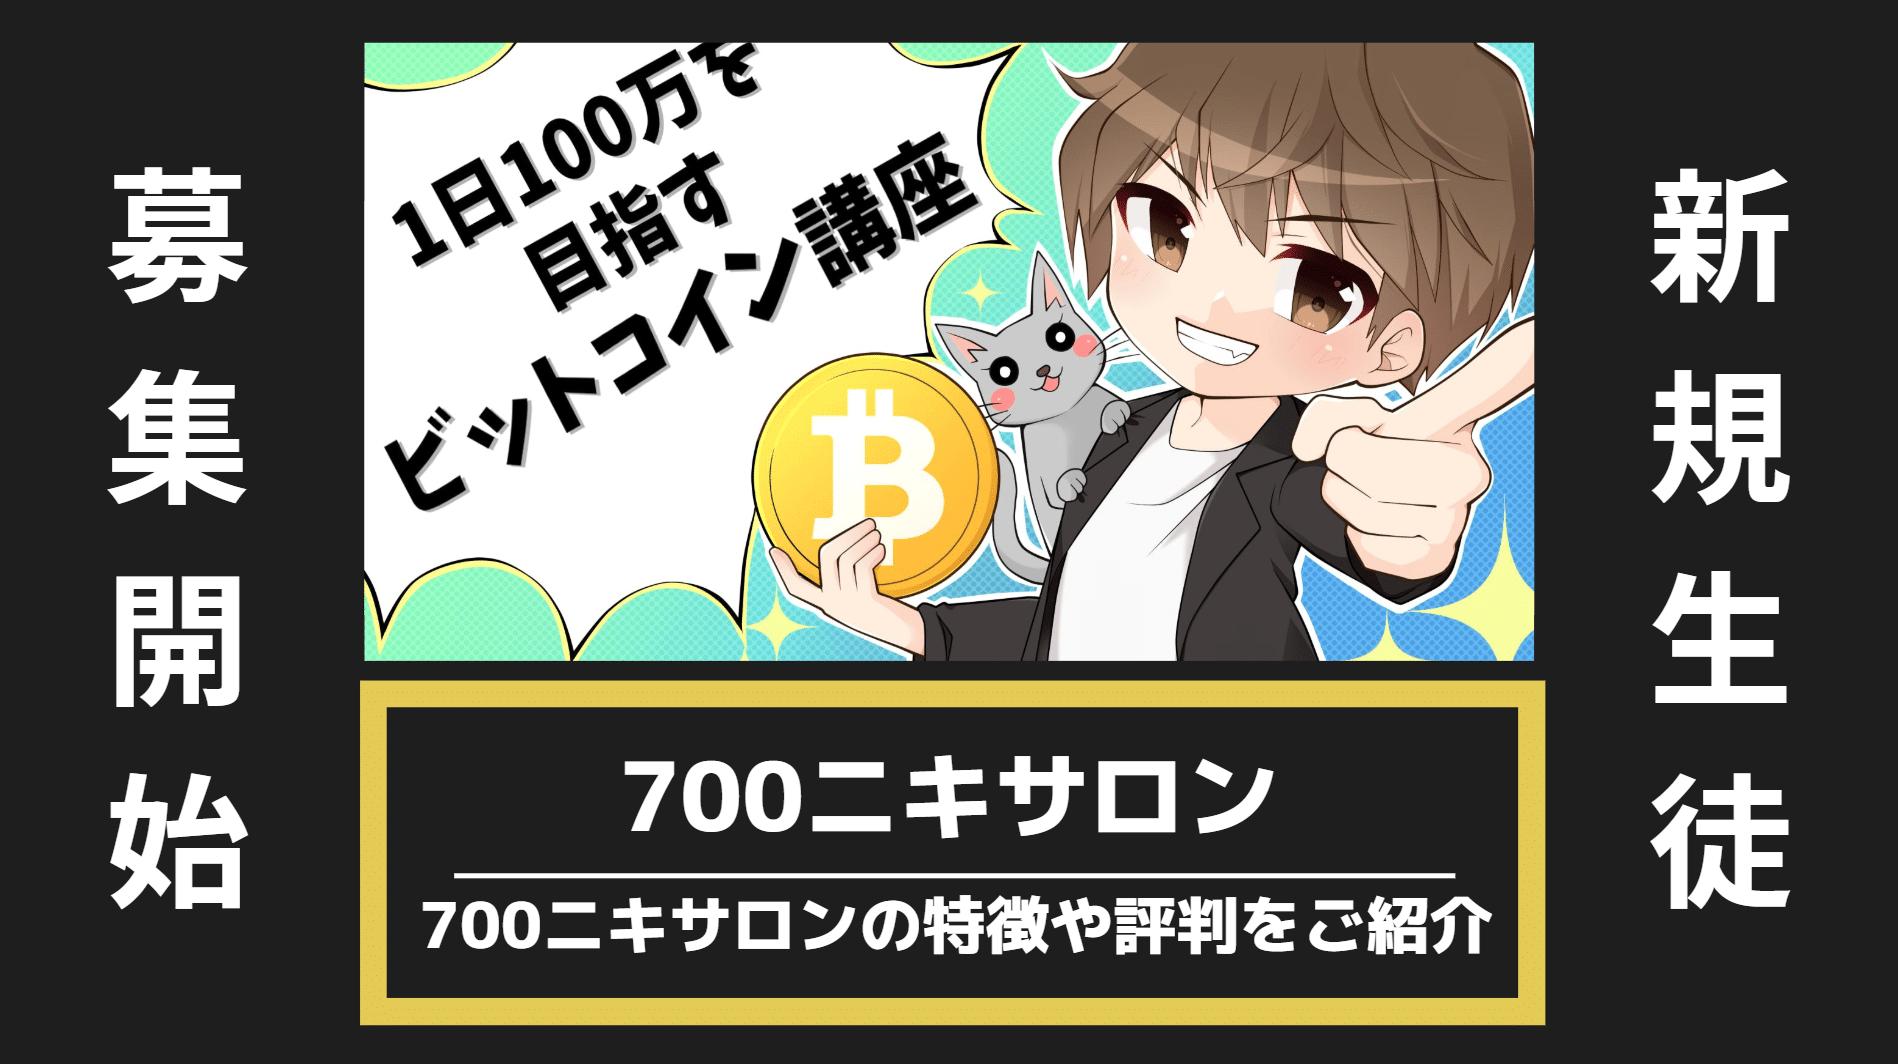 700ニキサロン 700ニキ